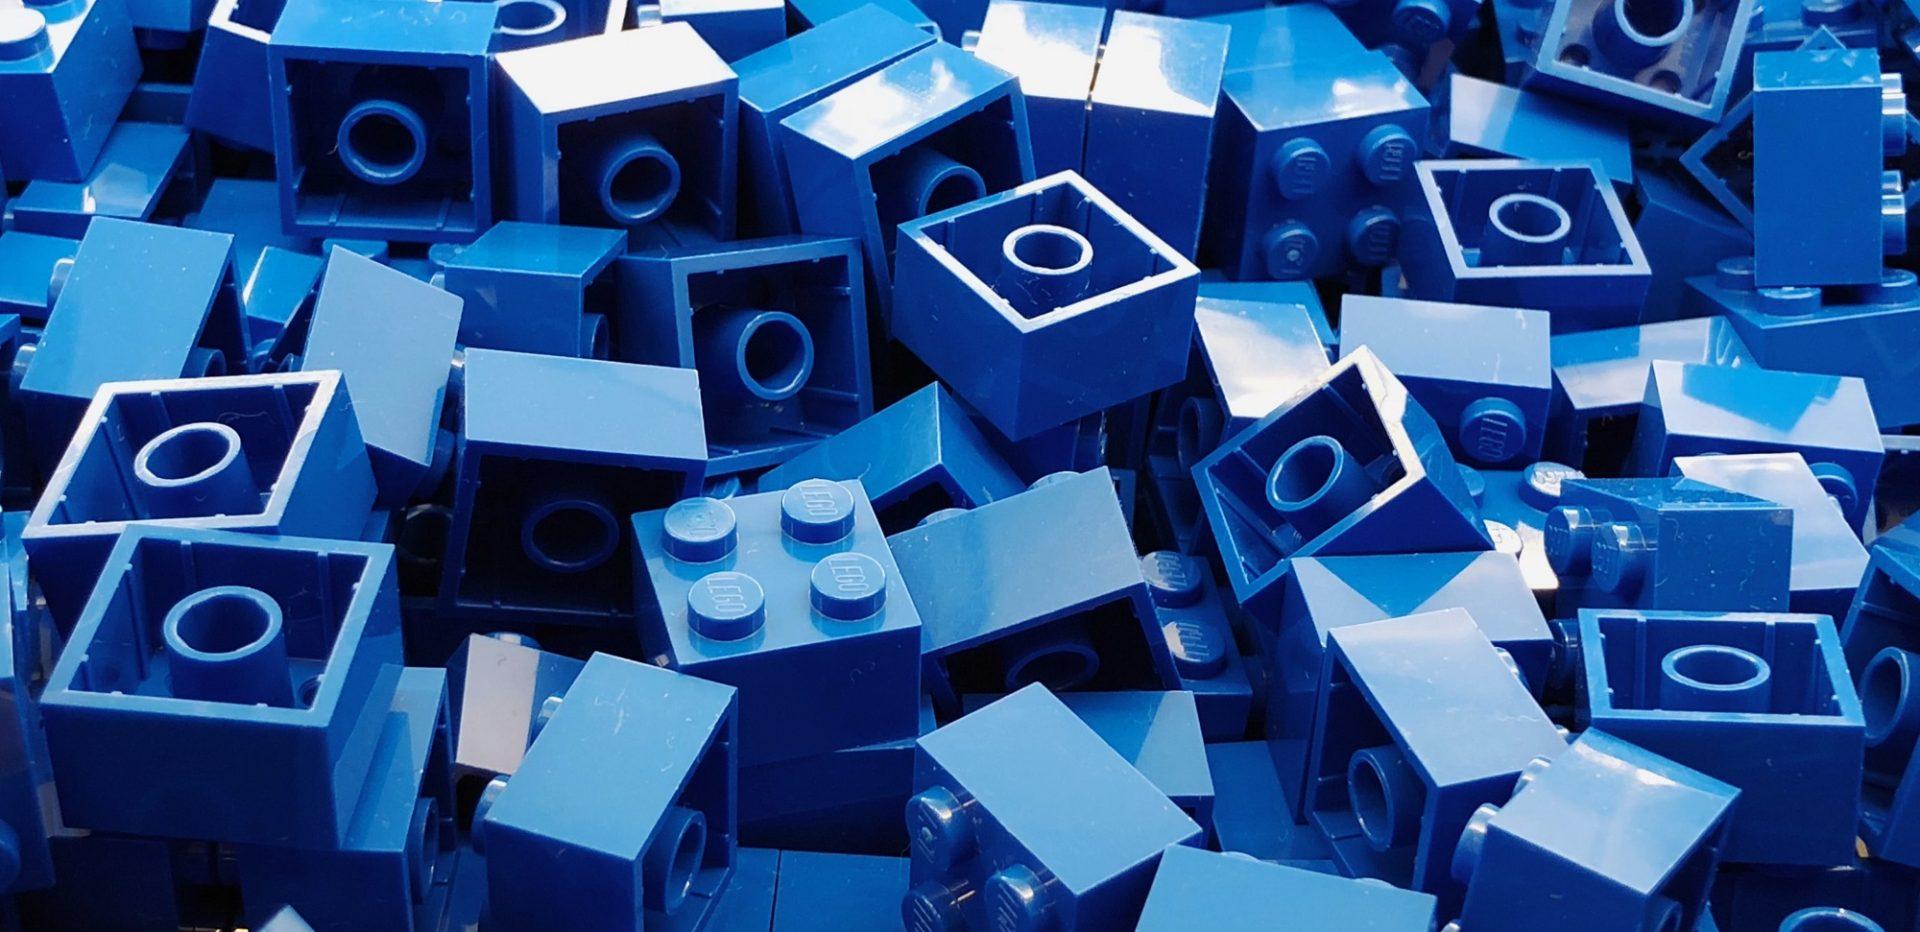 Talrige blå LEGO-klodser